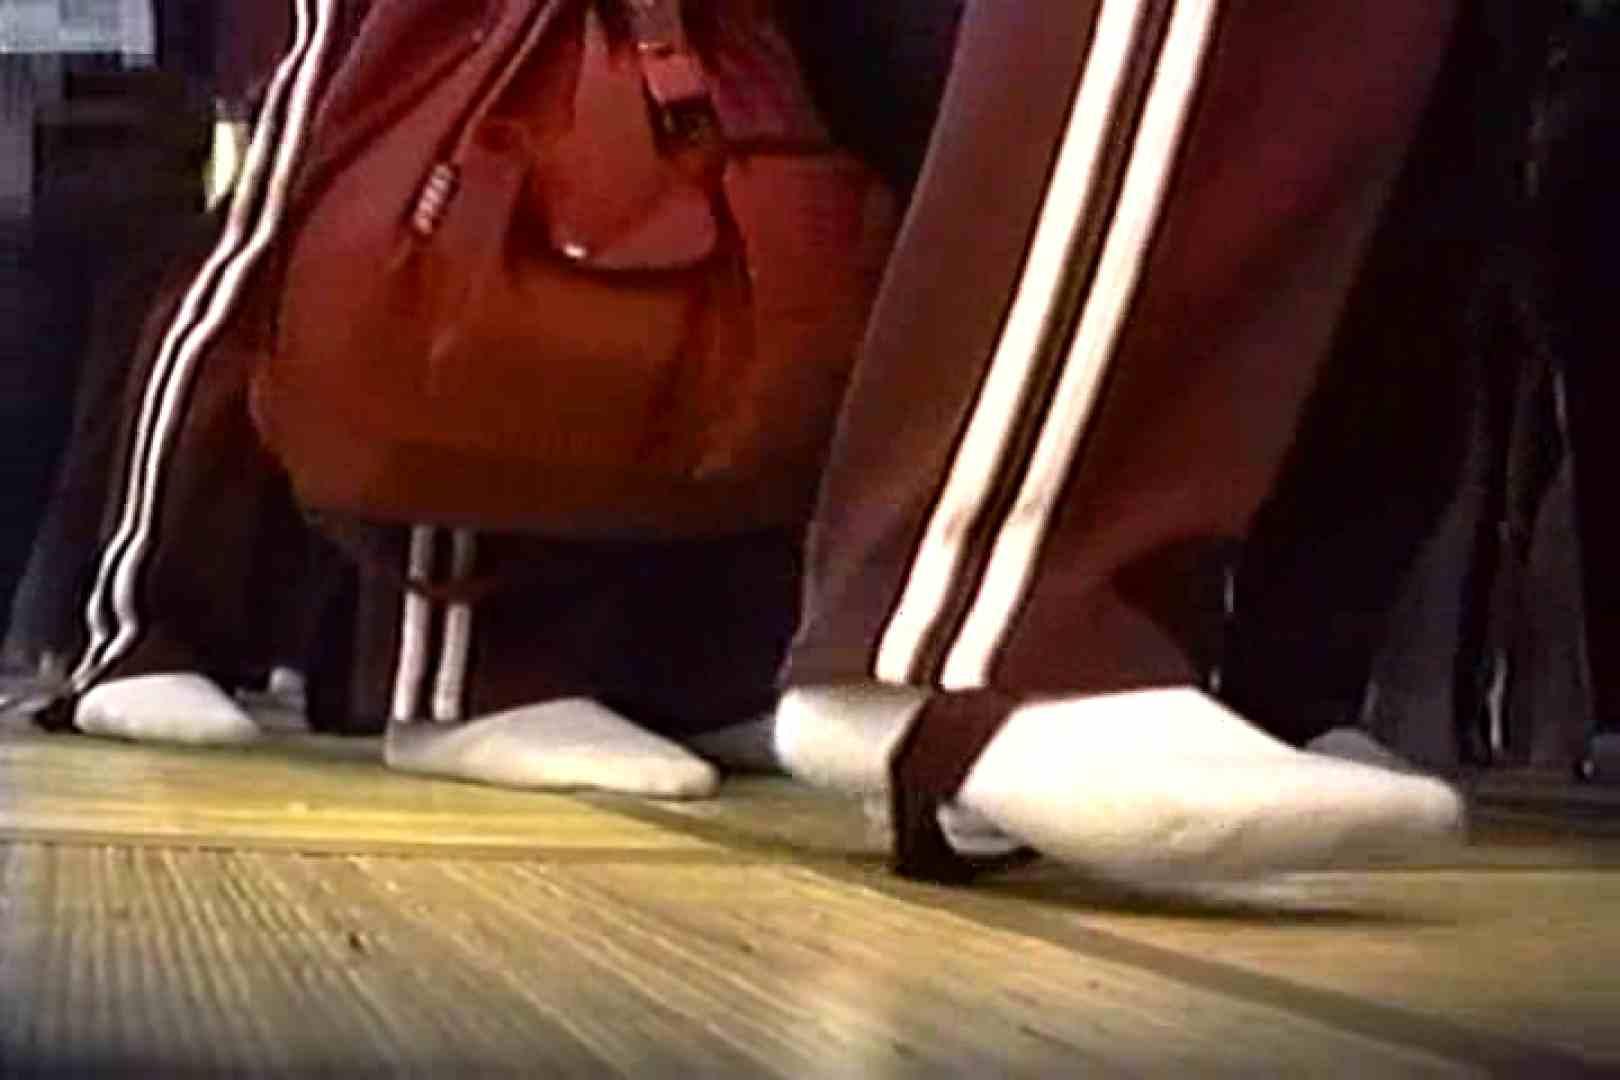 (9月21日配信停止)超・痴覚の眼 修学旅行TNK-09 着替え のぞき濡れ場動画紹介 93連発 62